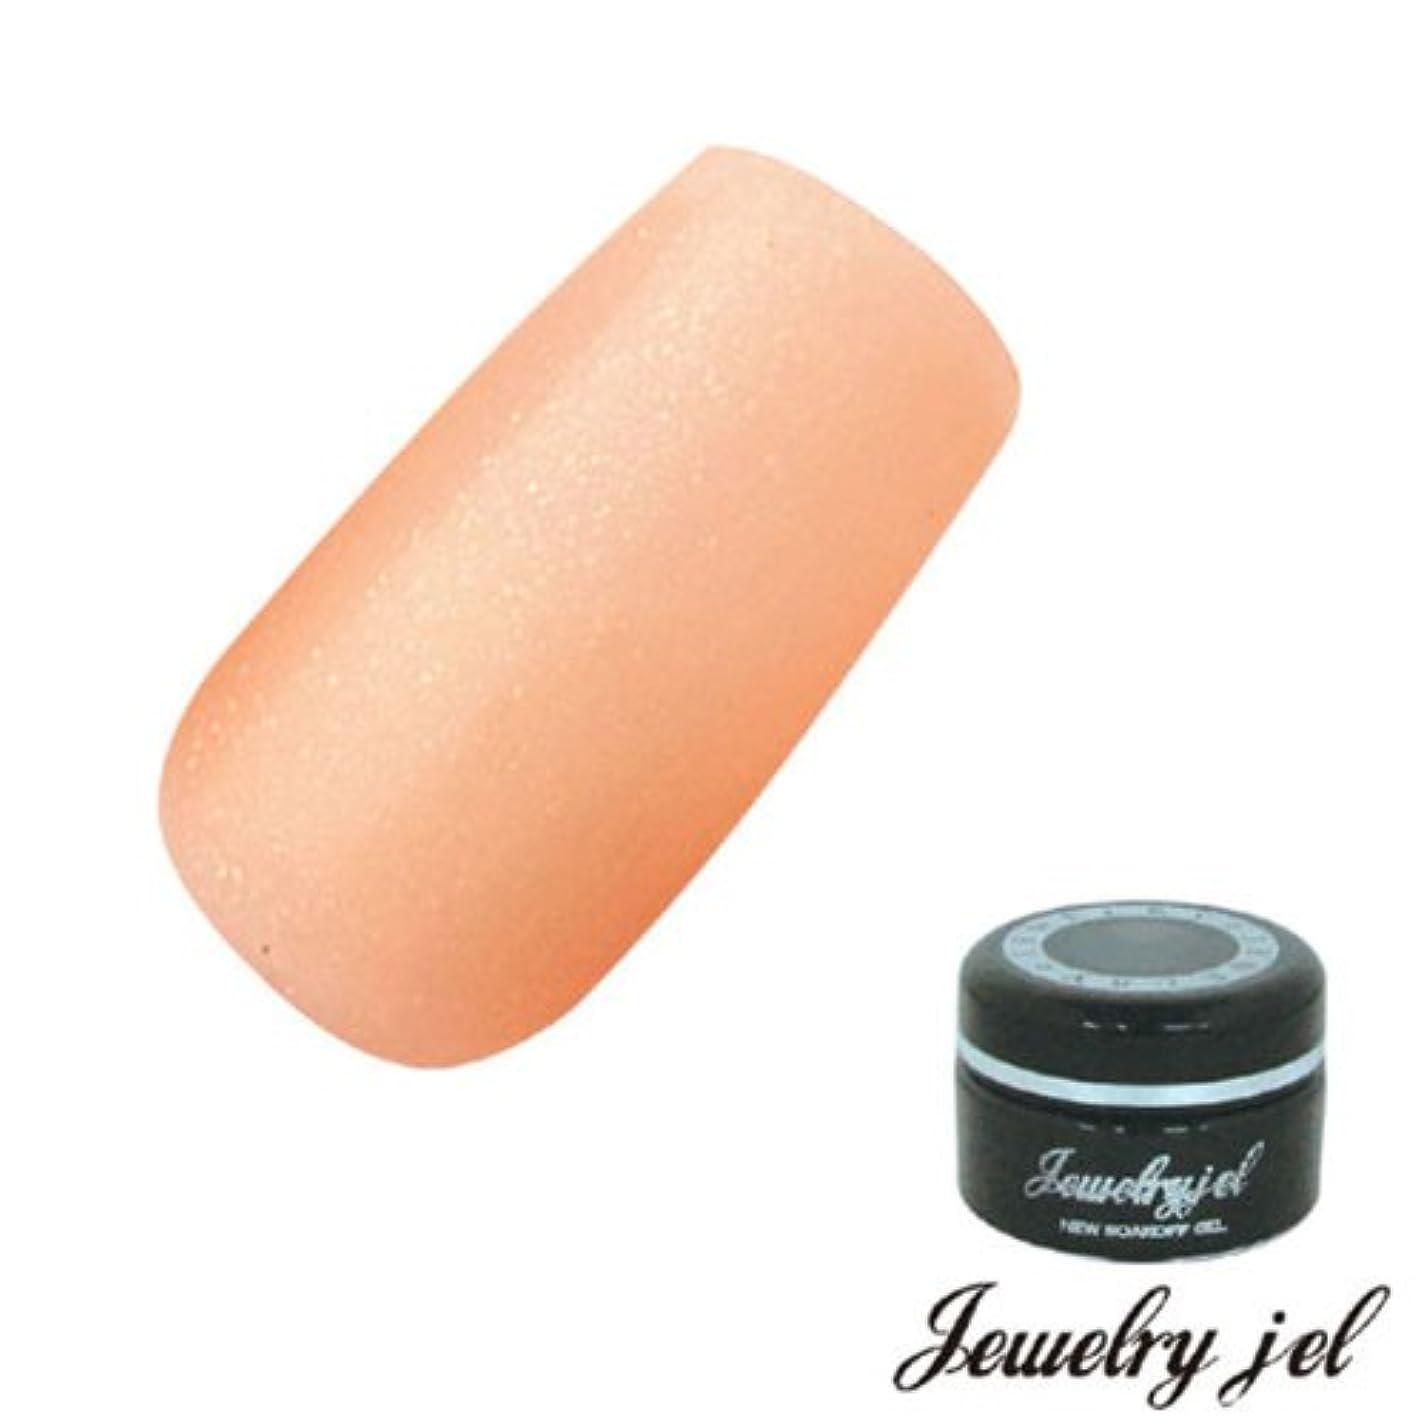 値葉を拾うジャケットジュエリージェル ジェルネイル カラージェル SP204 3.5g アプリコット クリスタル入り UV/LED対応  ソークオフジェル ピンククリスタル入りアプリコット